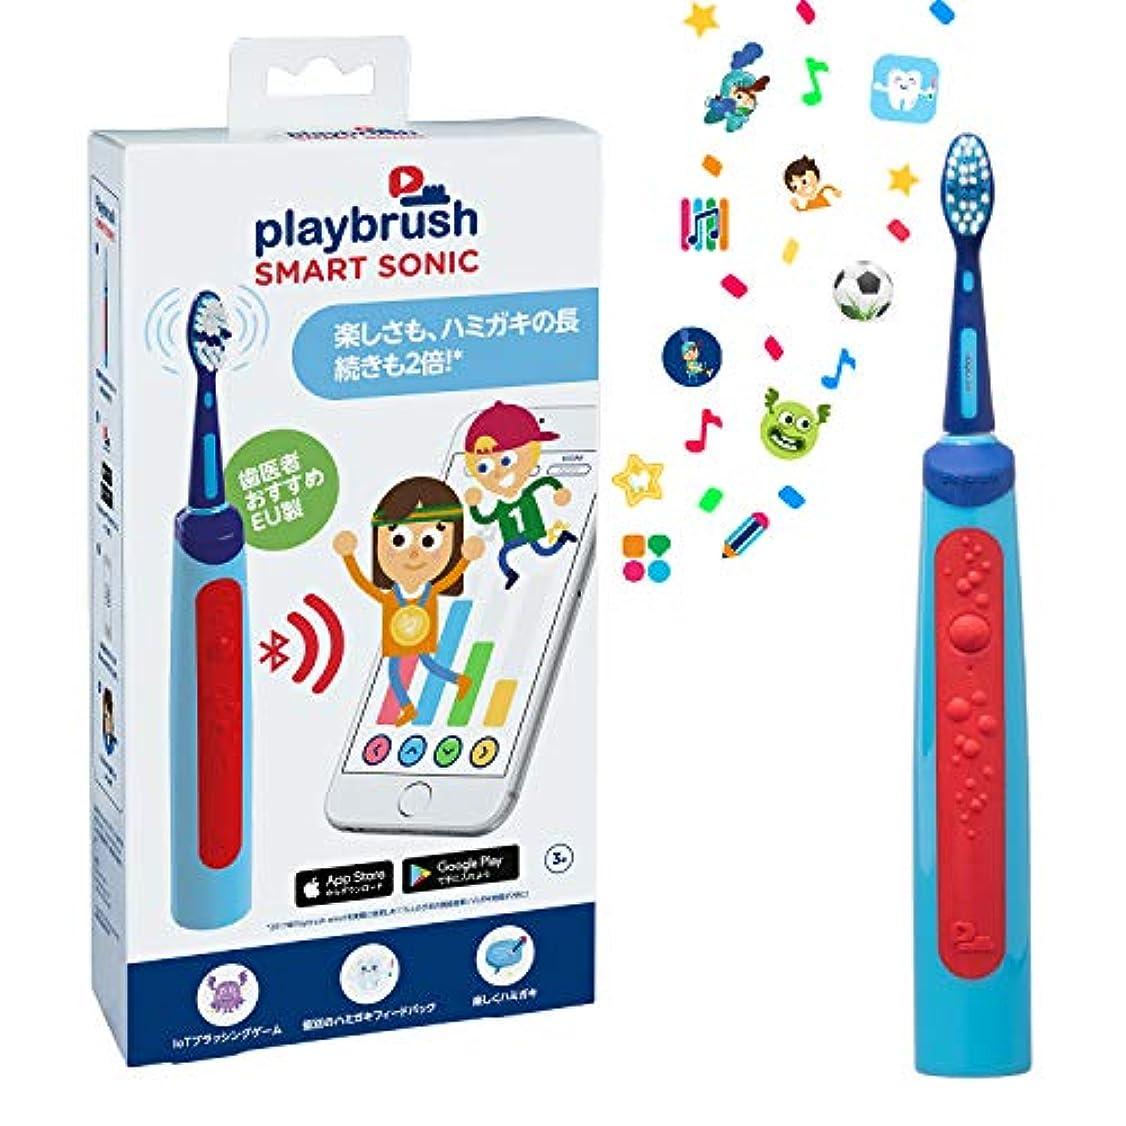 帰する擁する常識【ヨーロッパで開発されたゲームができる子供用歯ブラシ】プレイブラッシュ スマート ソニック Playbrush Smart Sonic 子供用電動歯ブラシ 子供用